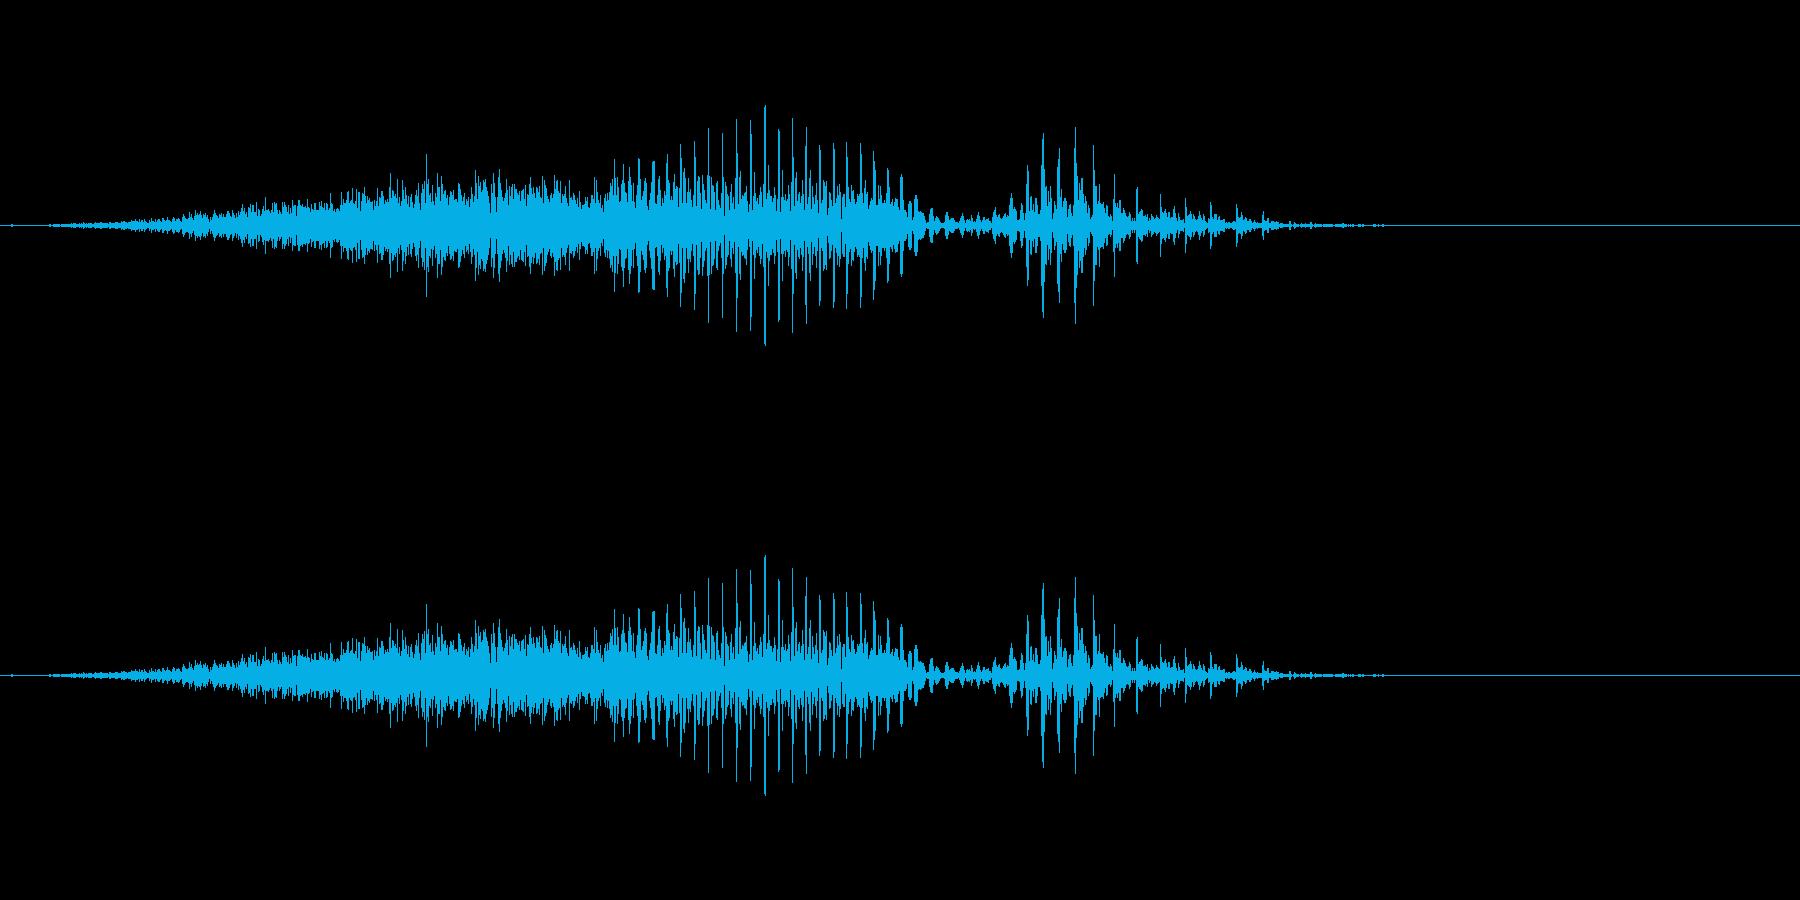 都道府県 - 佐賀の再生済みの波形